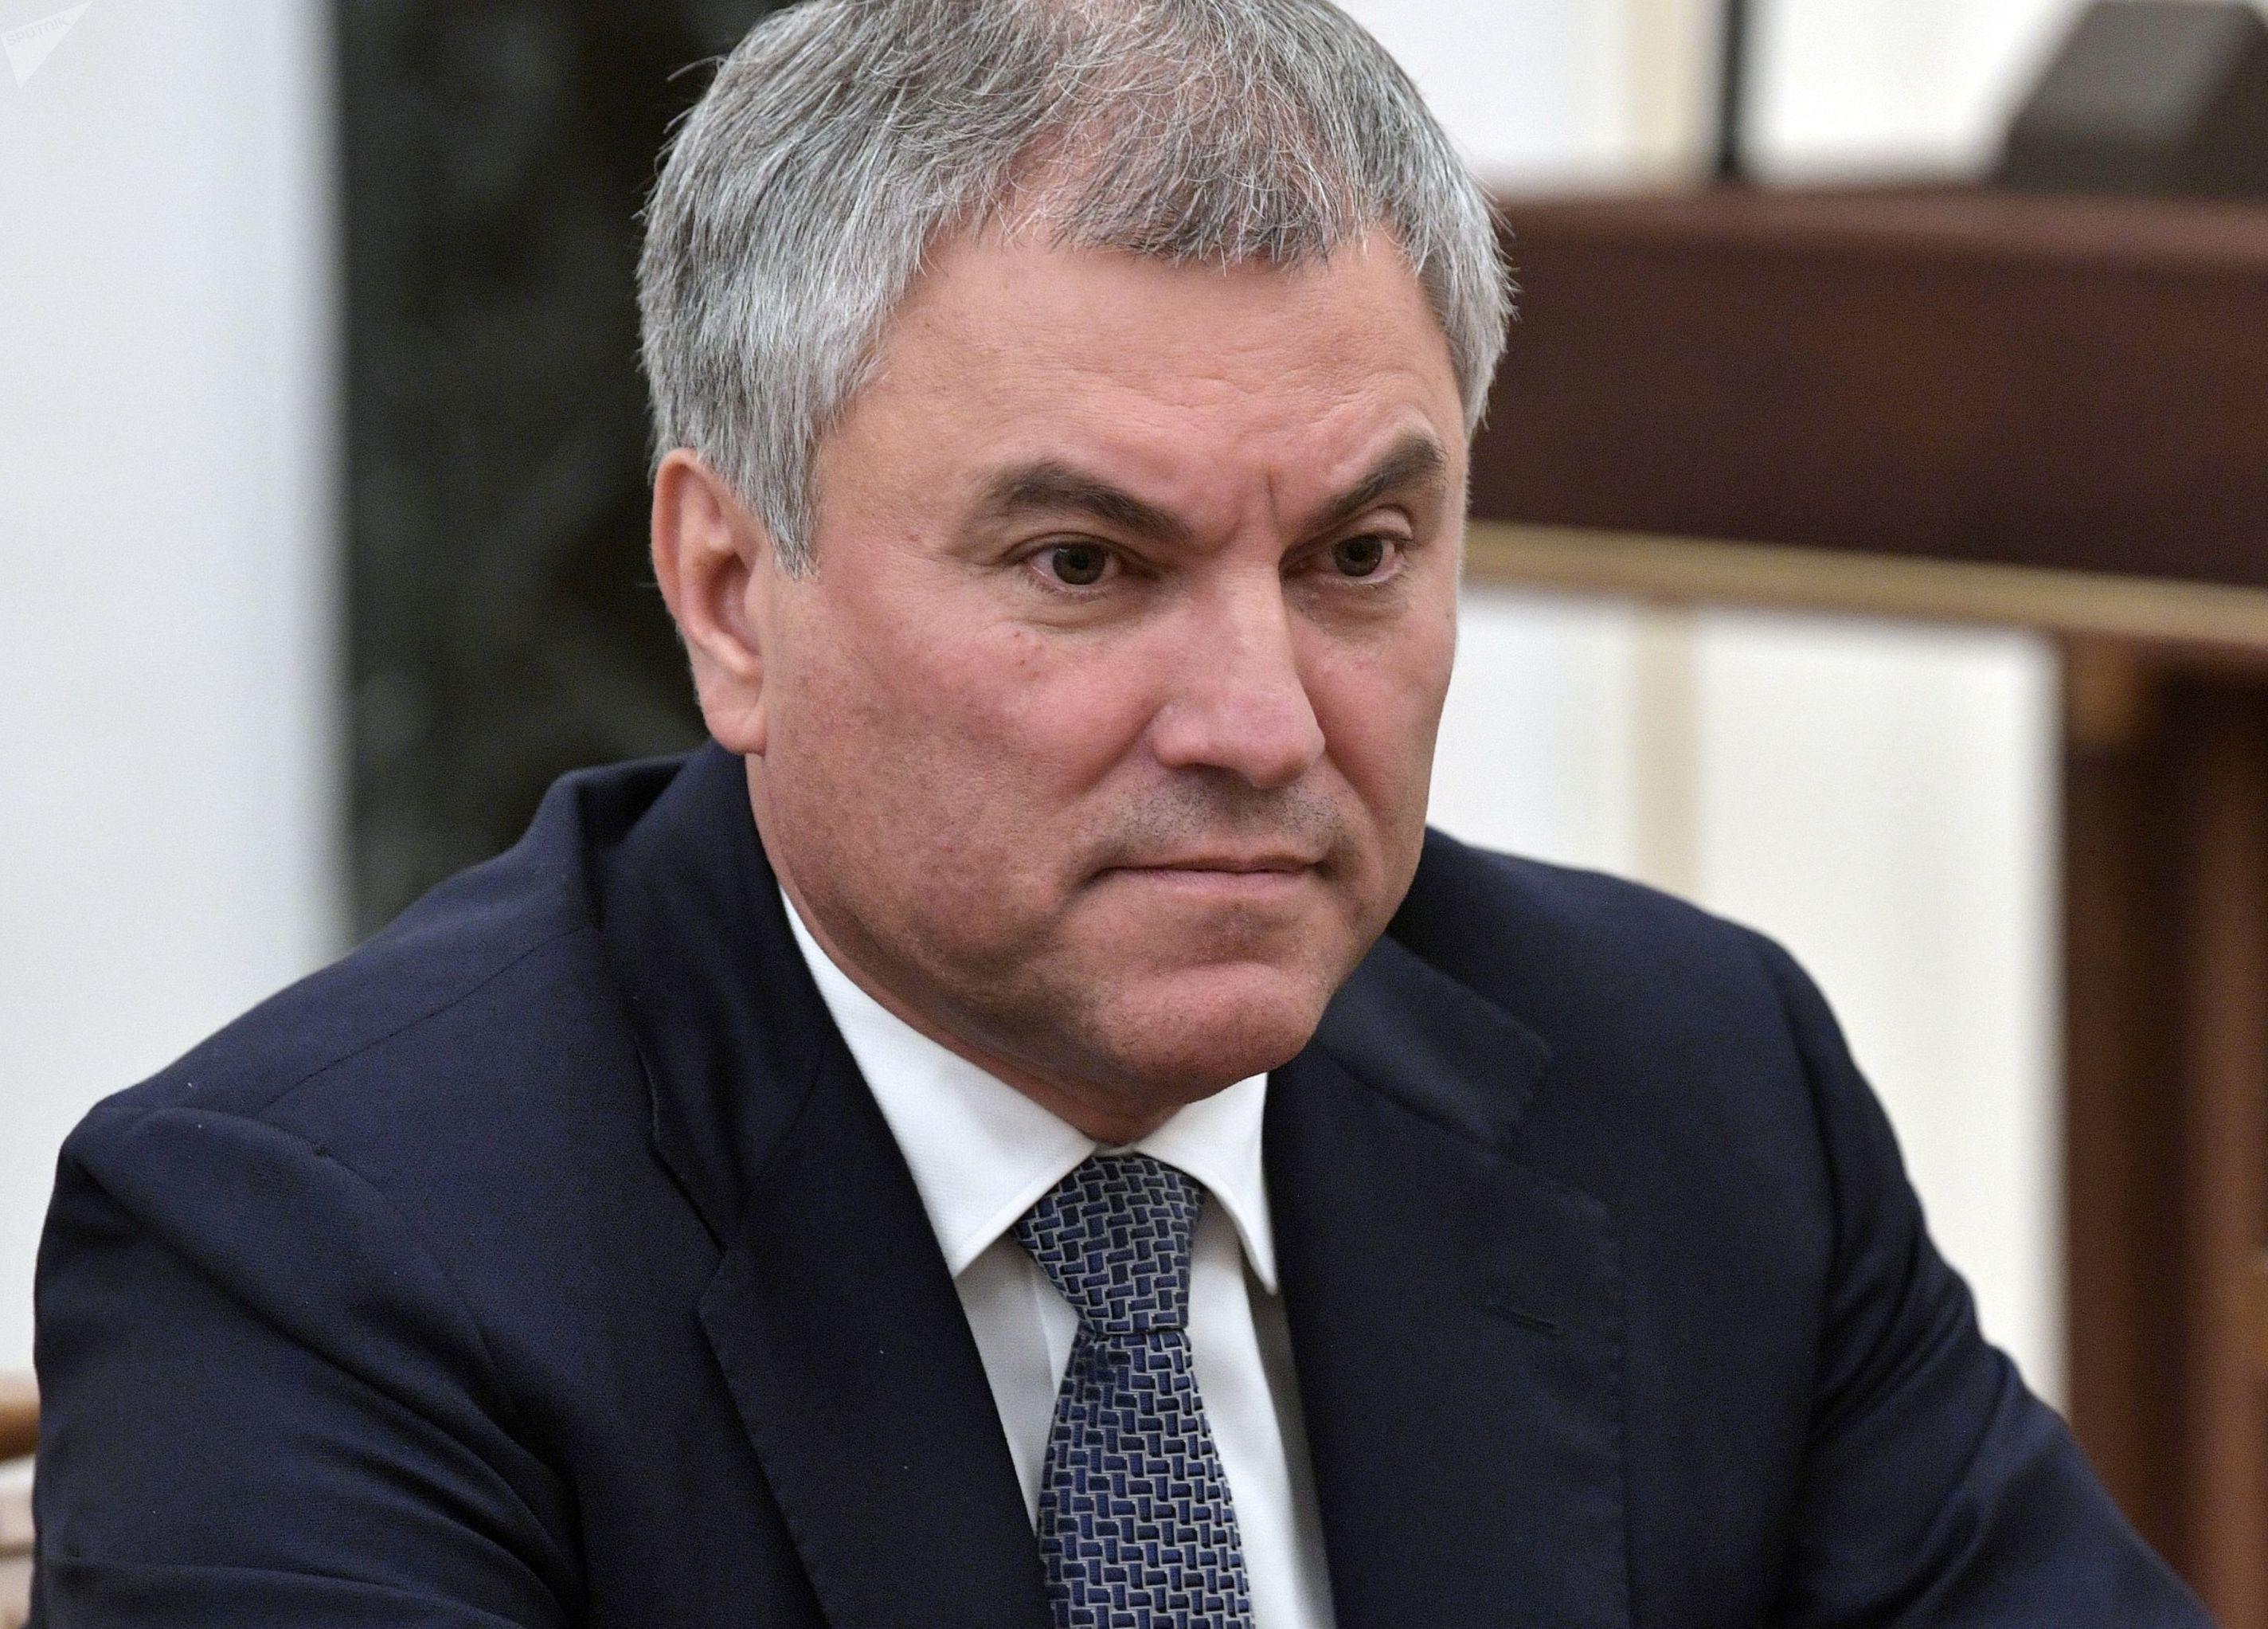 Presidente da câmara baixa do parlamento russo, a Duma, Vyacheslav Volodin, em outubro de 2019